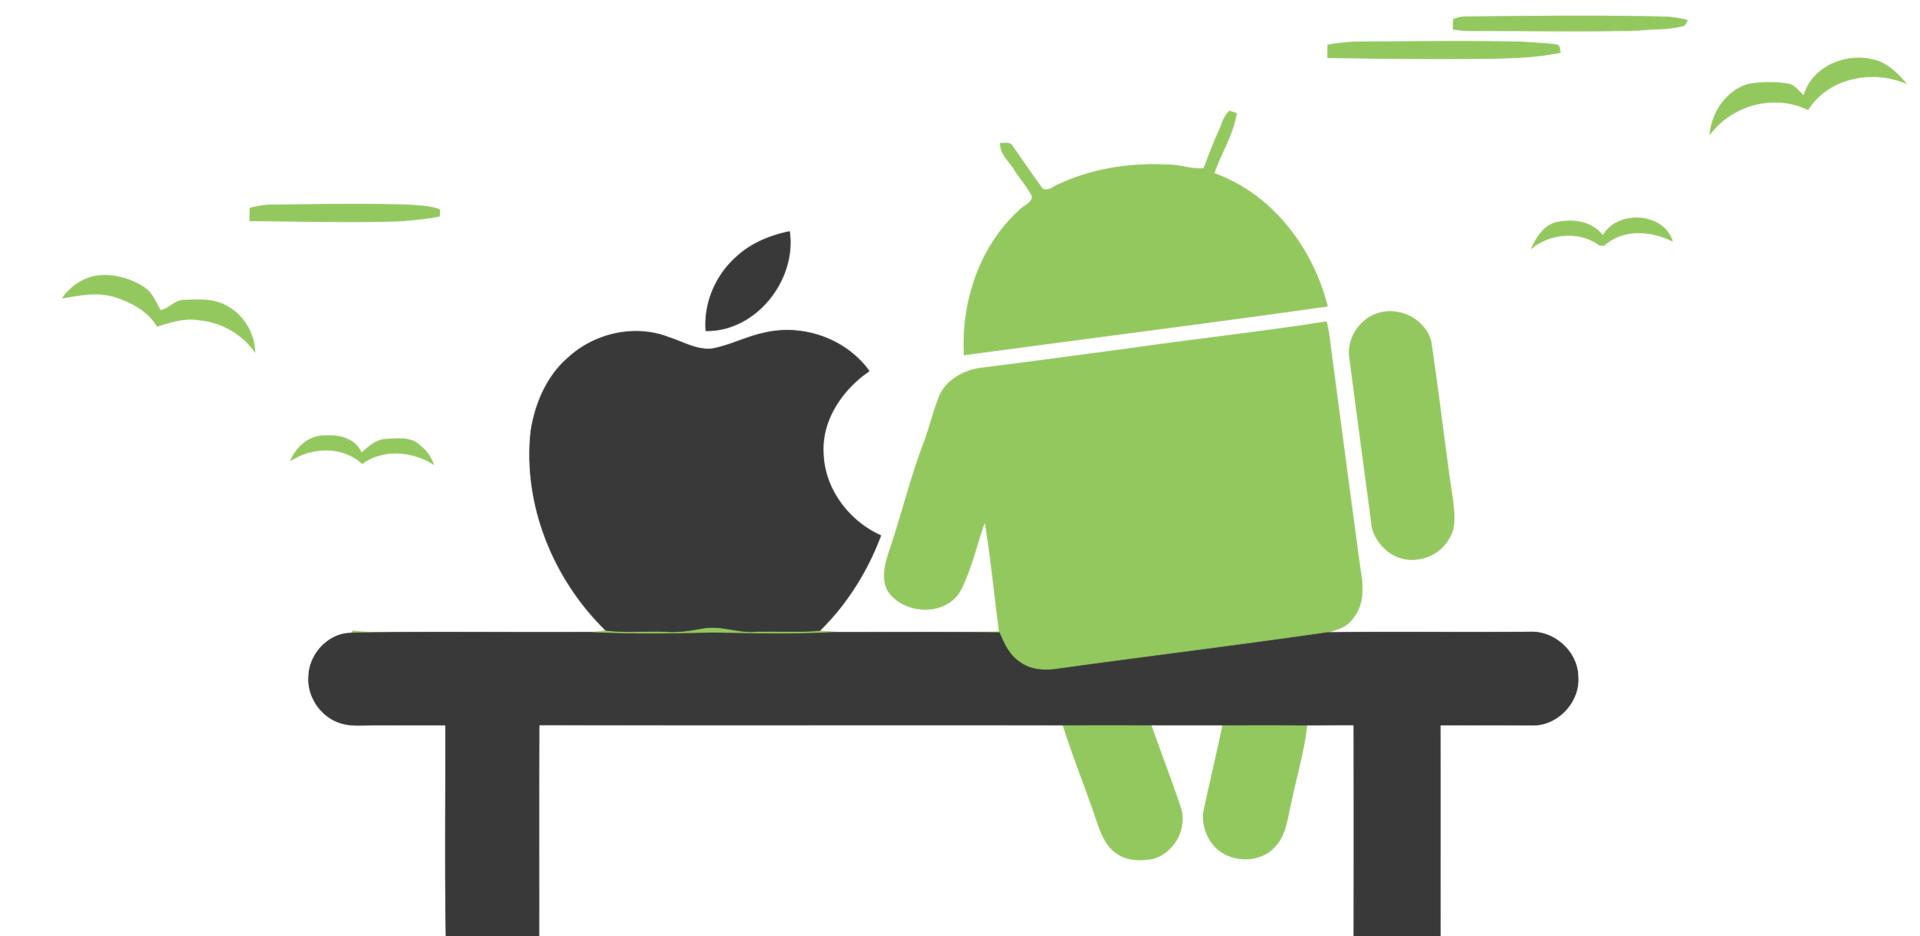 От регистрации до витрины: как выложить мобильное приложение в App Store и Google Play (часть 1) - 1